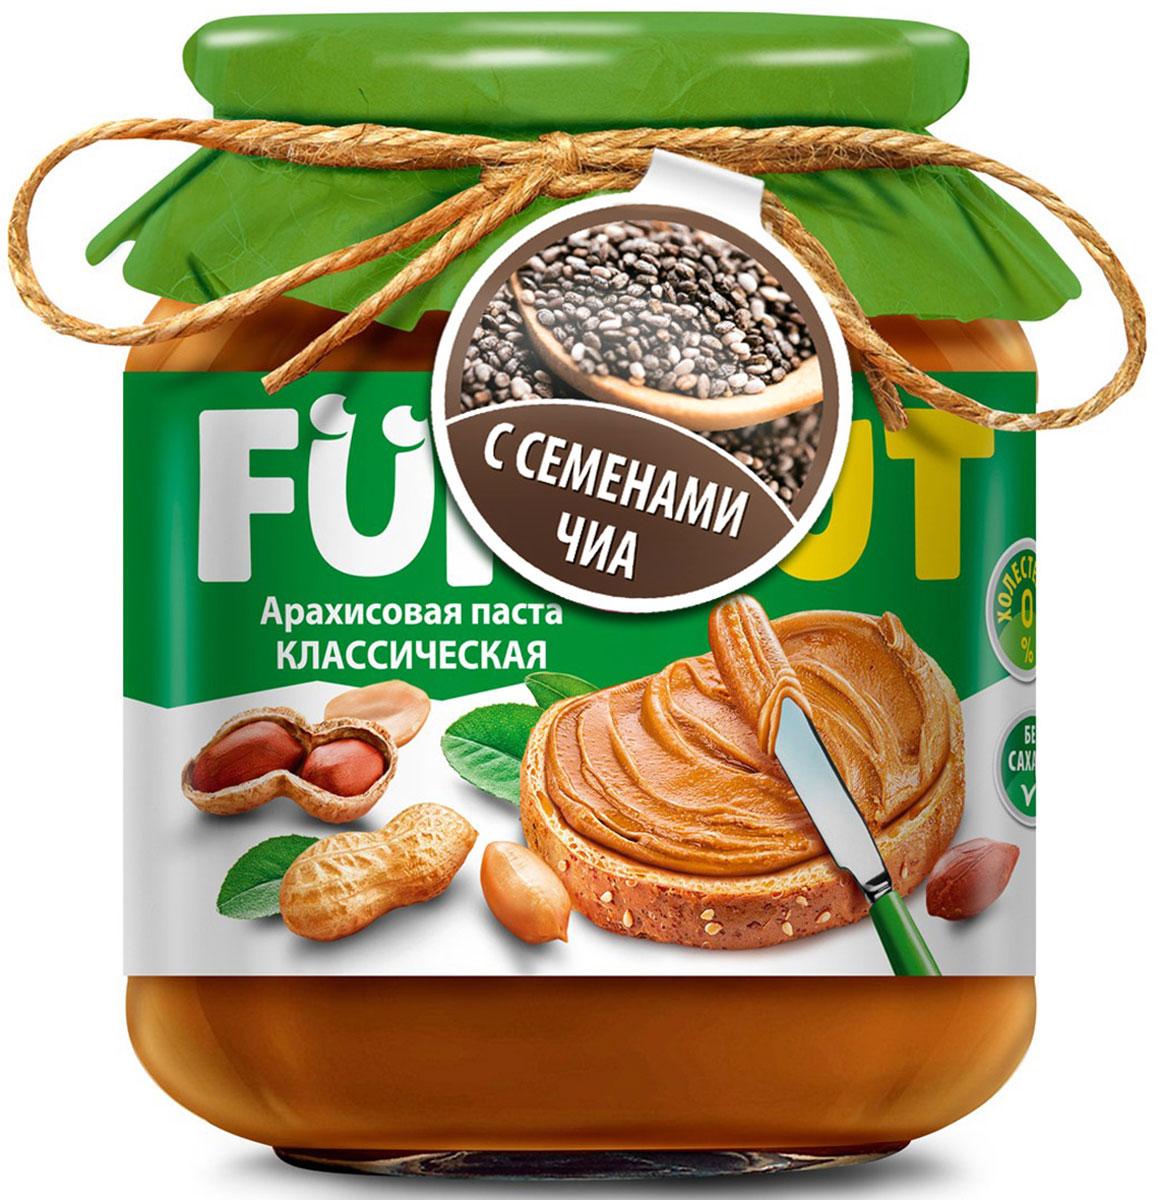 Funnat Арахисовая паста классическая с добавлением чиа, 340 г nutella паста ореховая с добавлением какао 3 кг